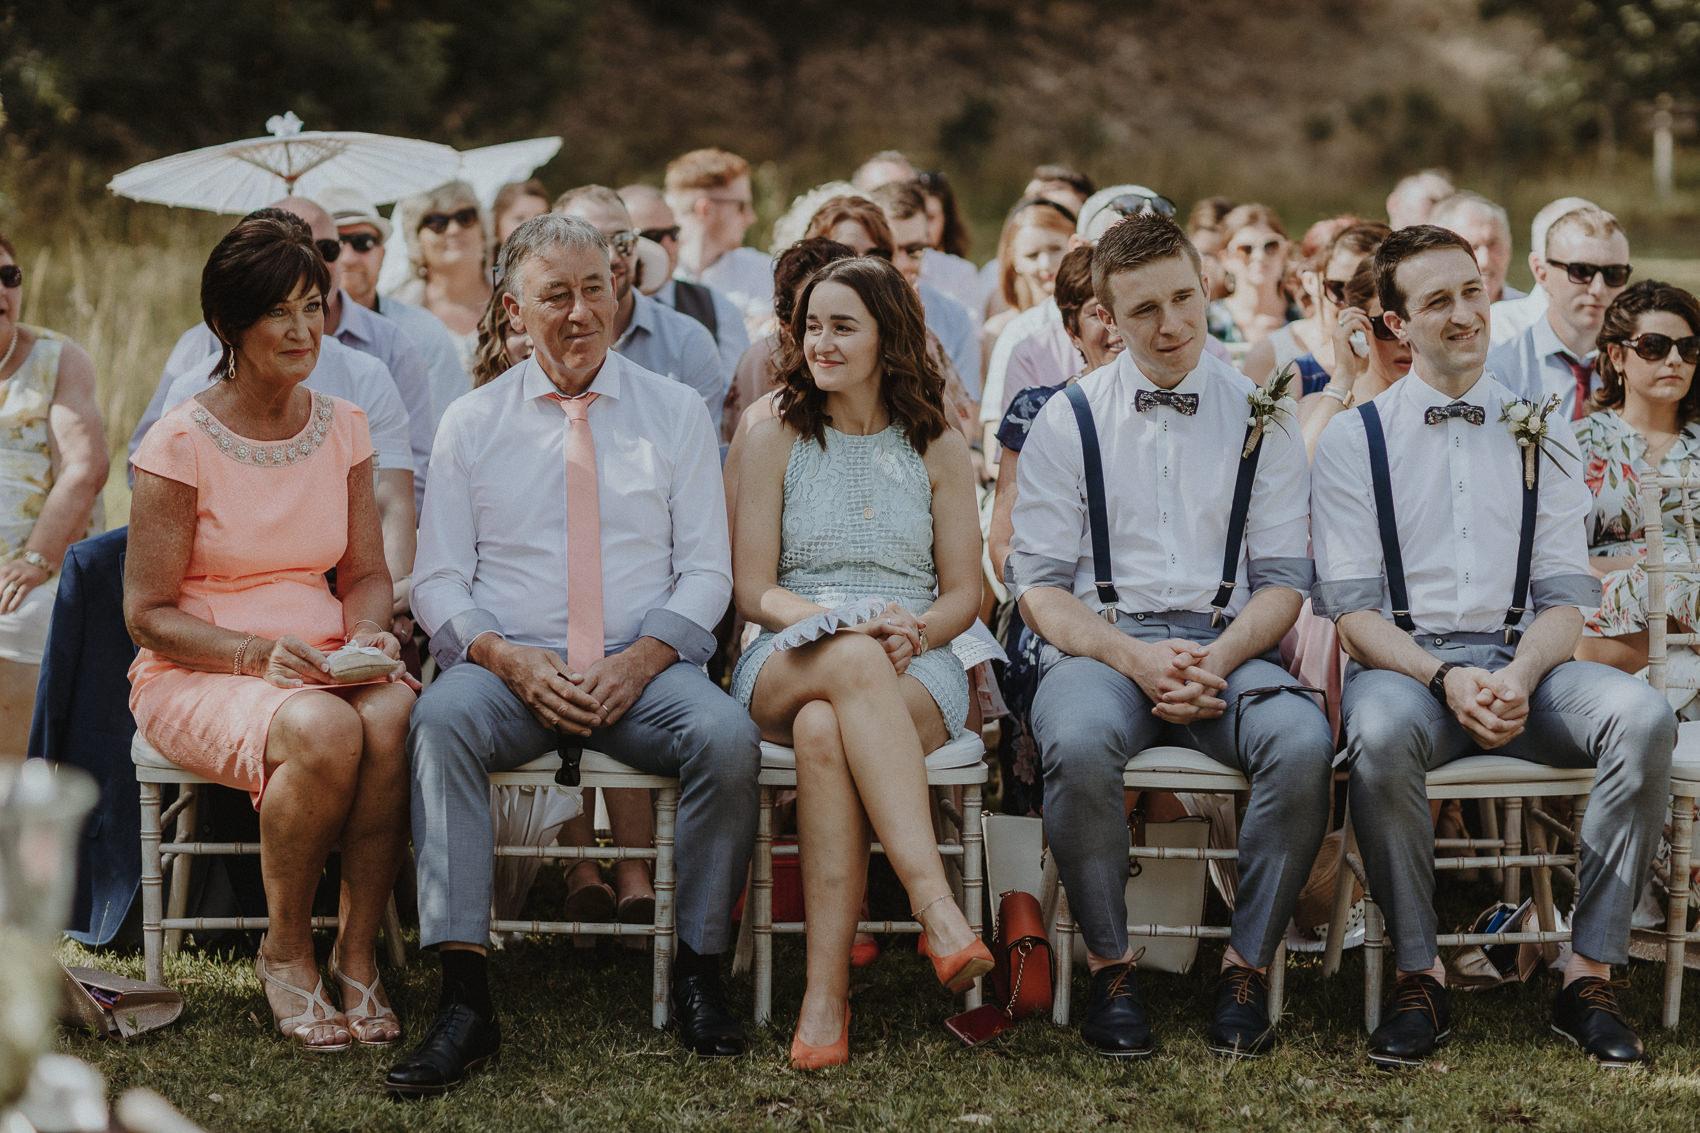 Sarah & Bill | Summer wedding at Cortijo Rosa Blanca | Marbella - Spain 80